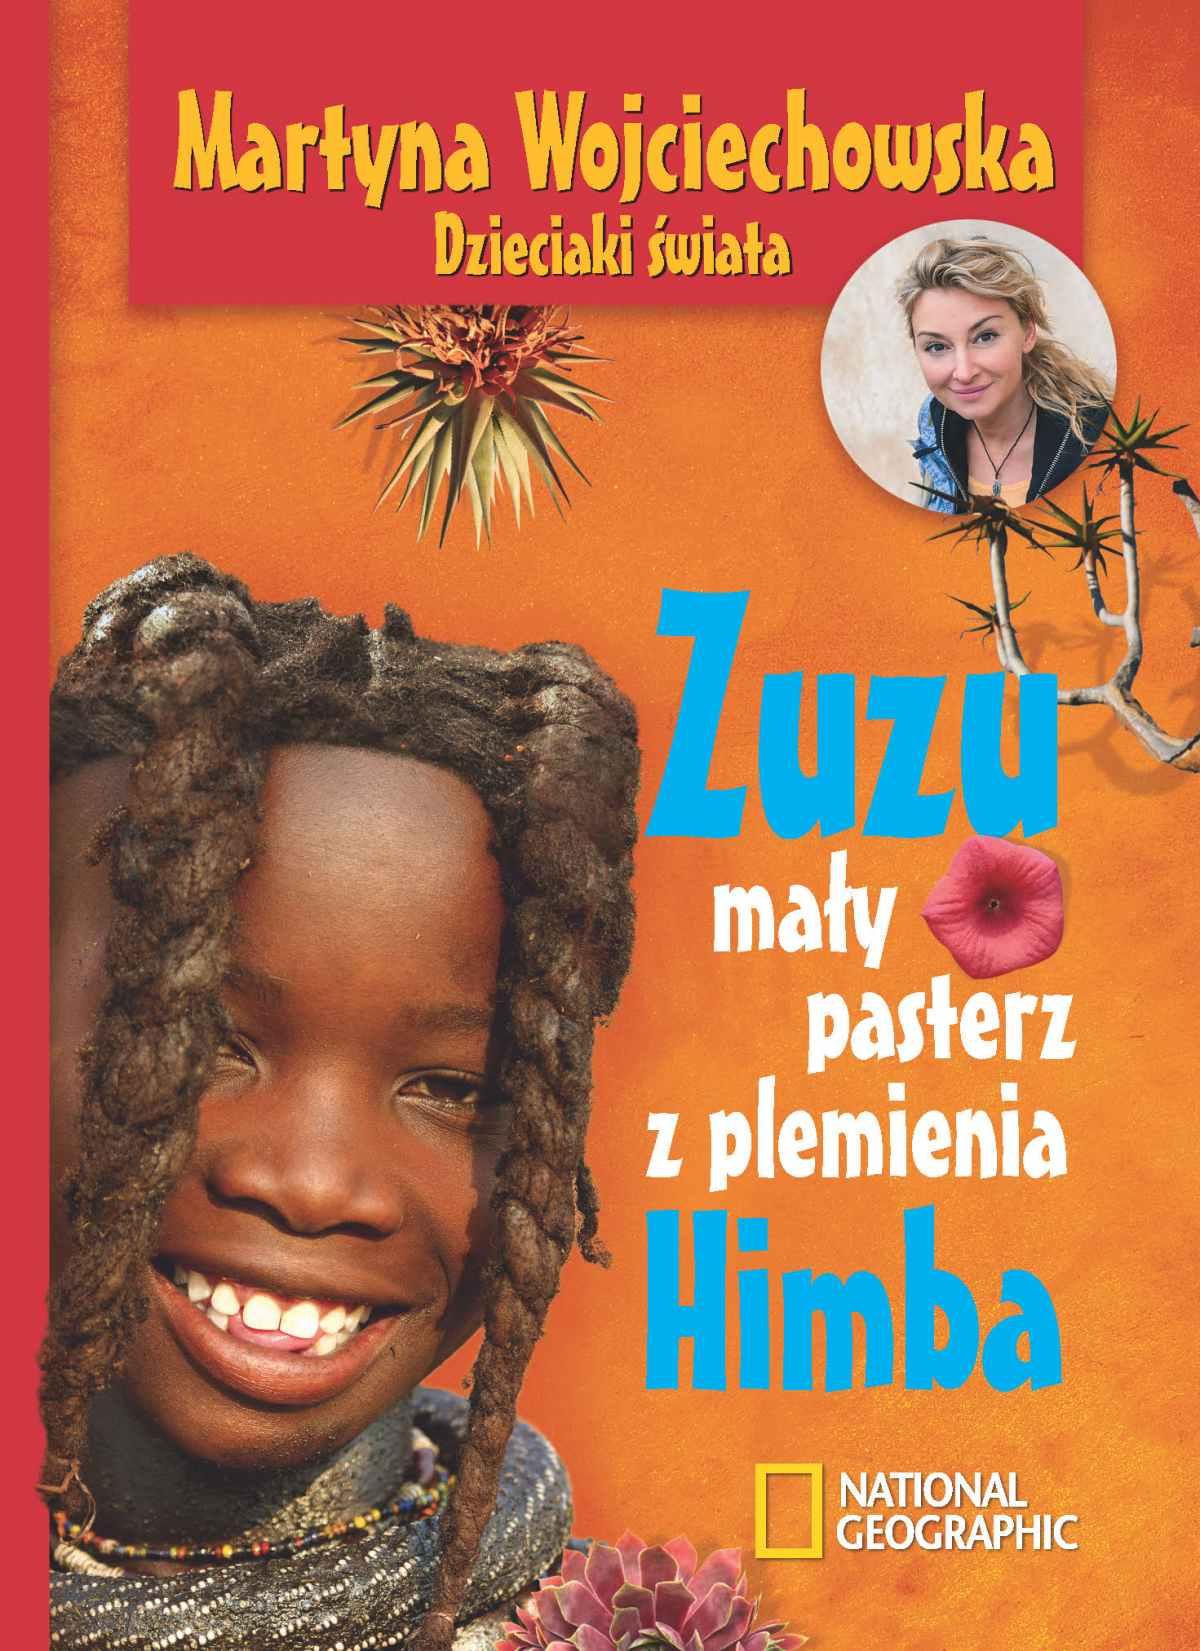 Zuzu, mały pasterz z plemienia Himba - Ebook (Książka na Kindle) do pobrania w formacie MOBI